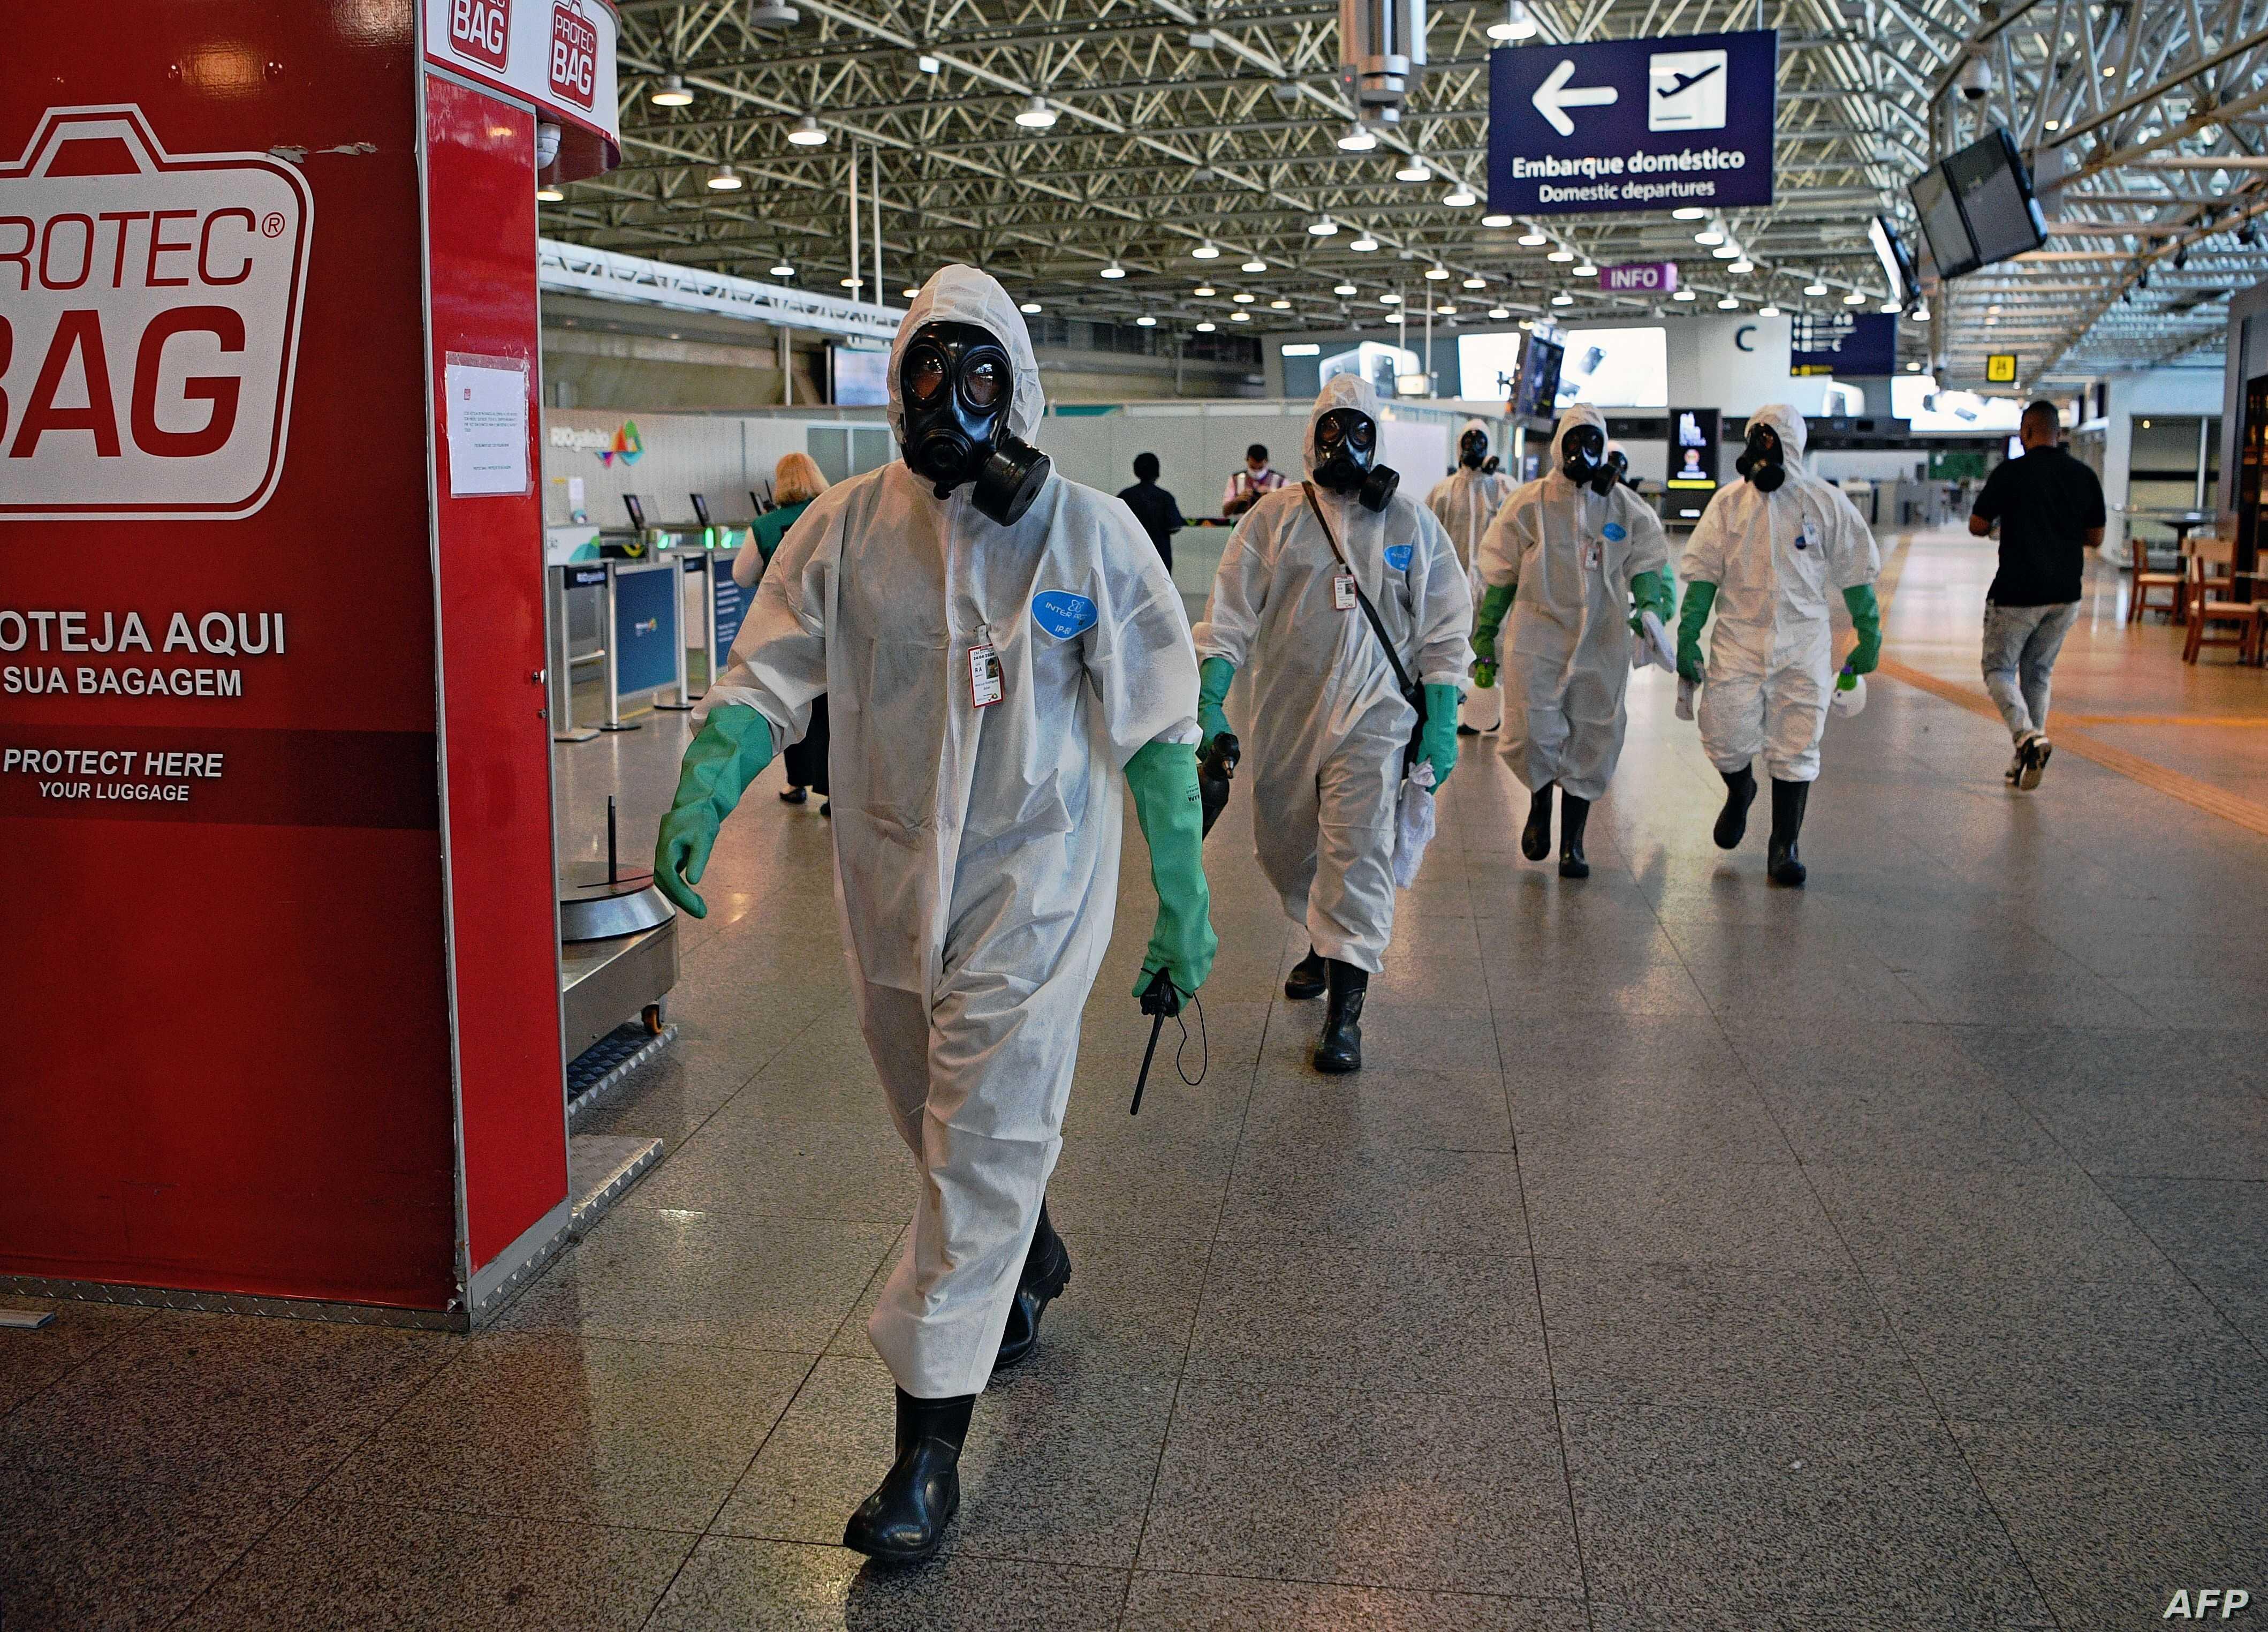 Brazil's COVID-19 death toll nears 30,000